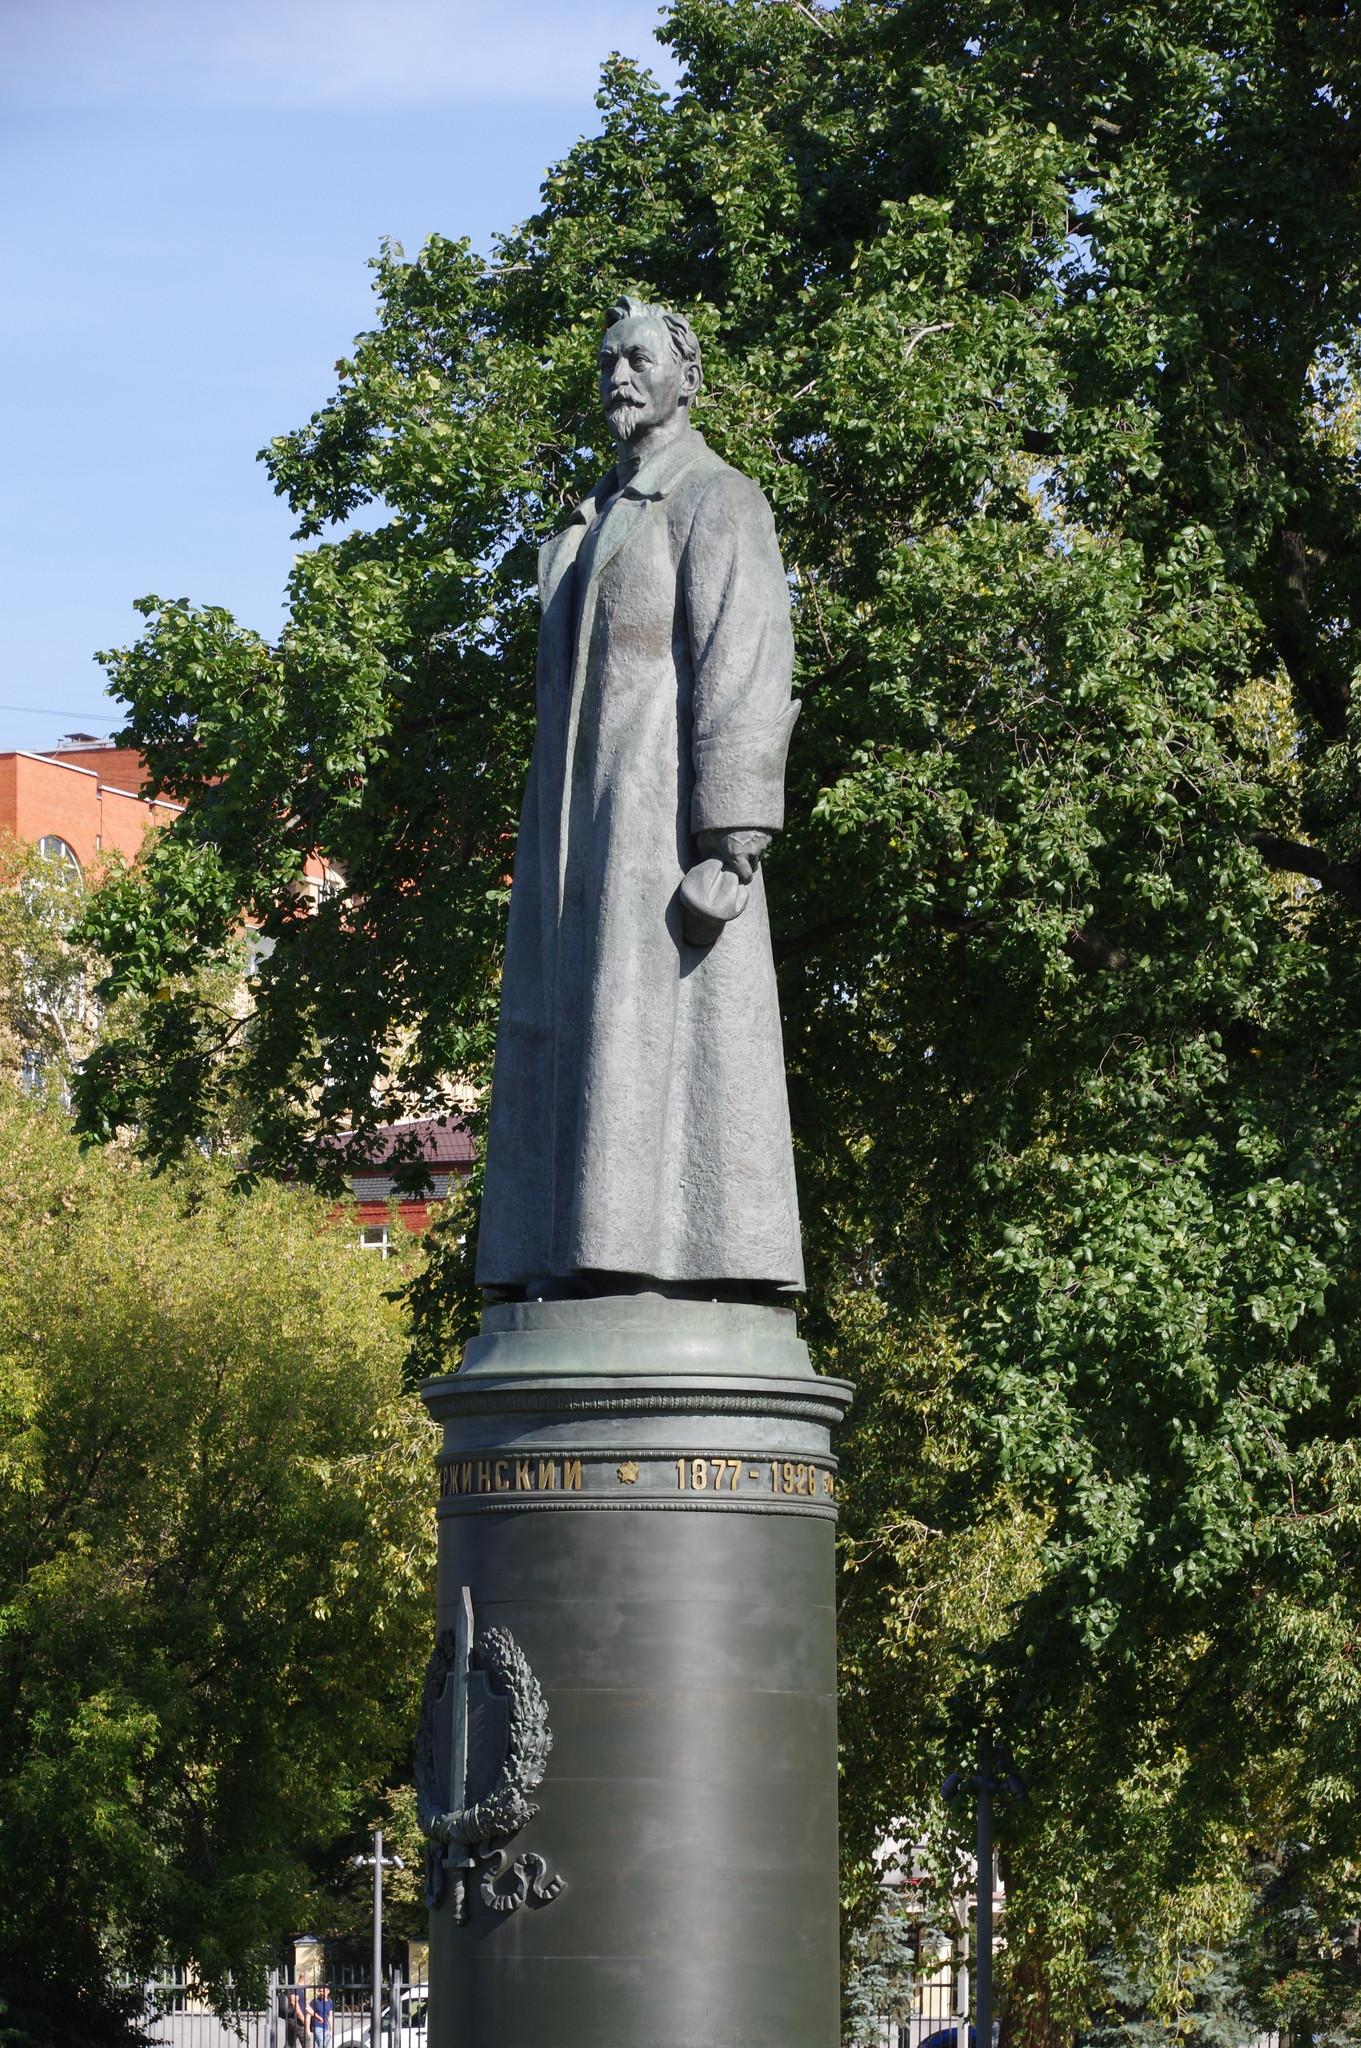 Памятник Феликсу Эдмундовичу Дзержинскому. 1958 г. Бронза. Вучетич Е.В. Парк искусств «Музеон»